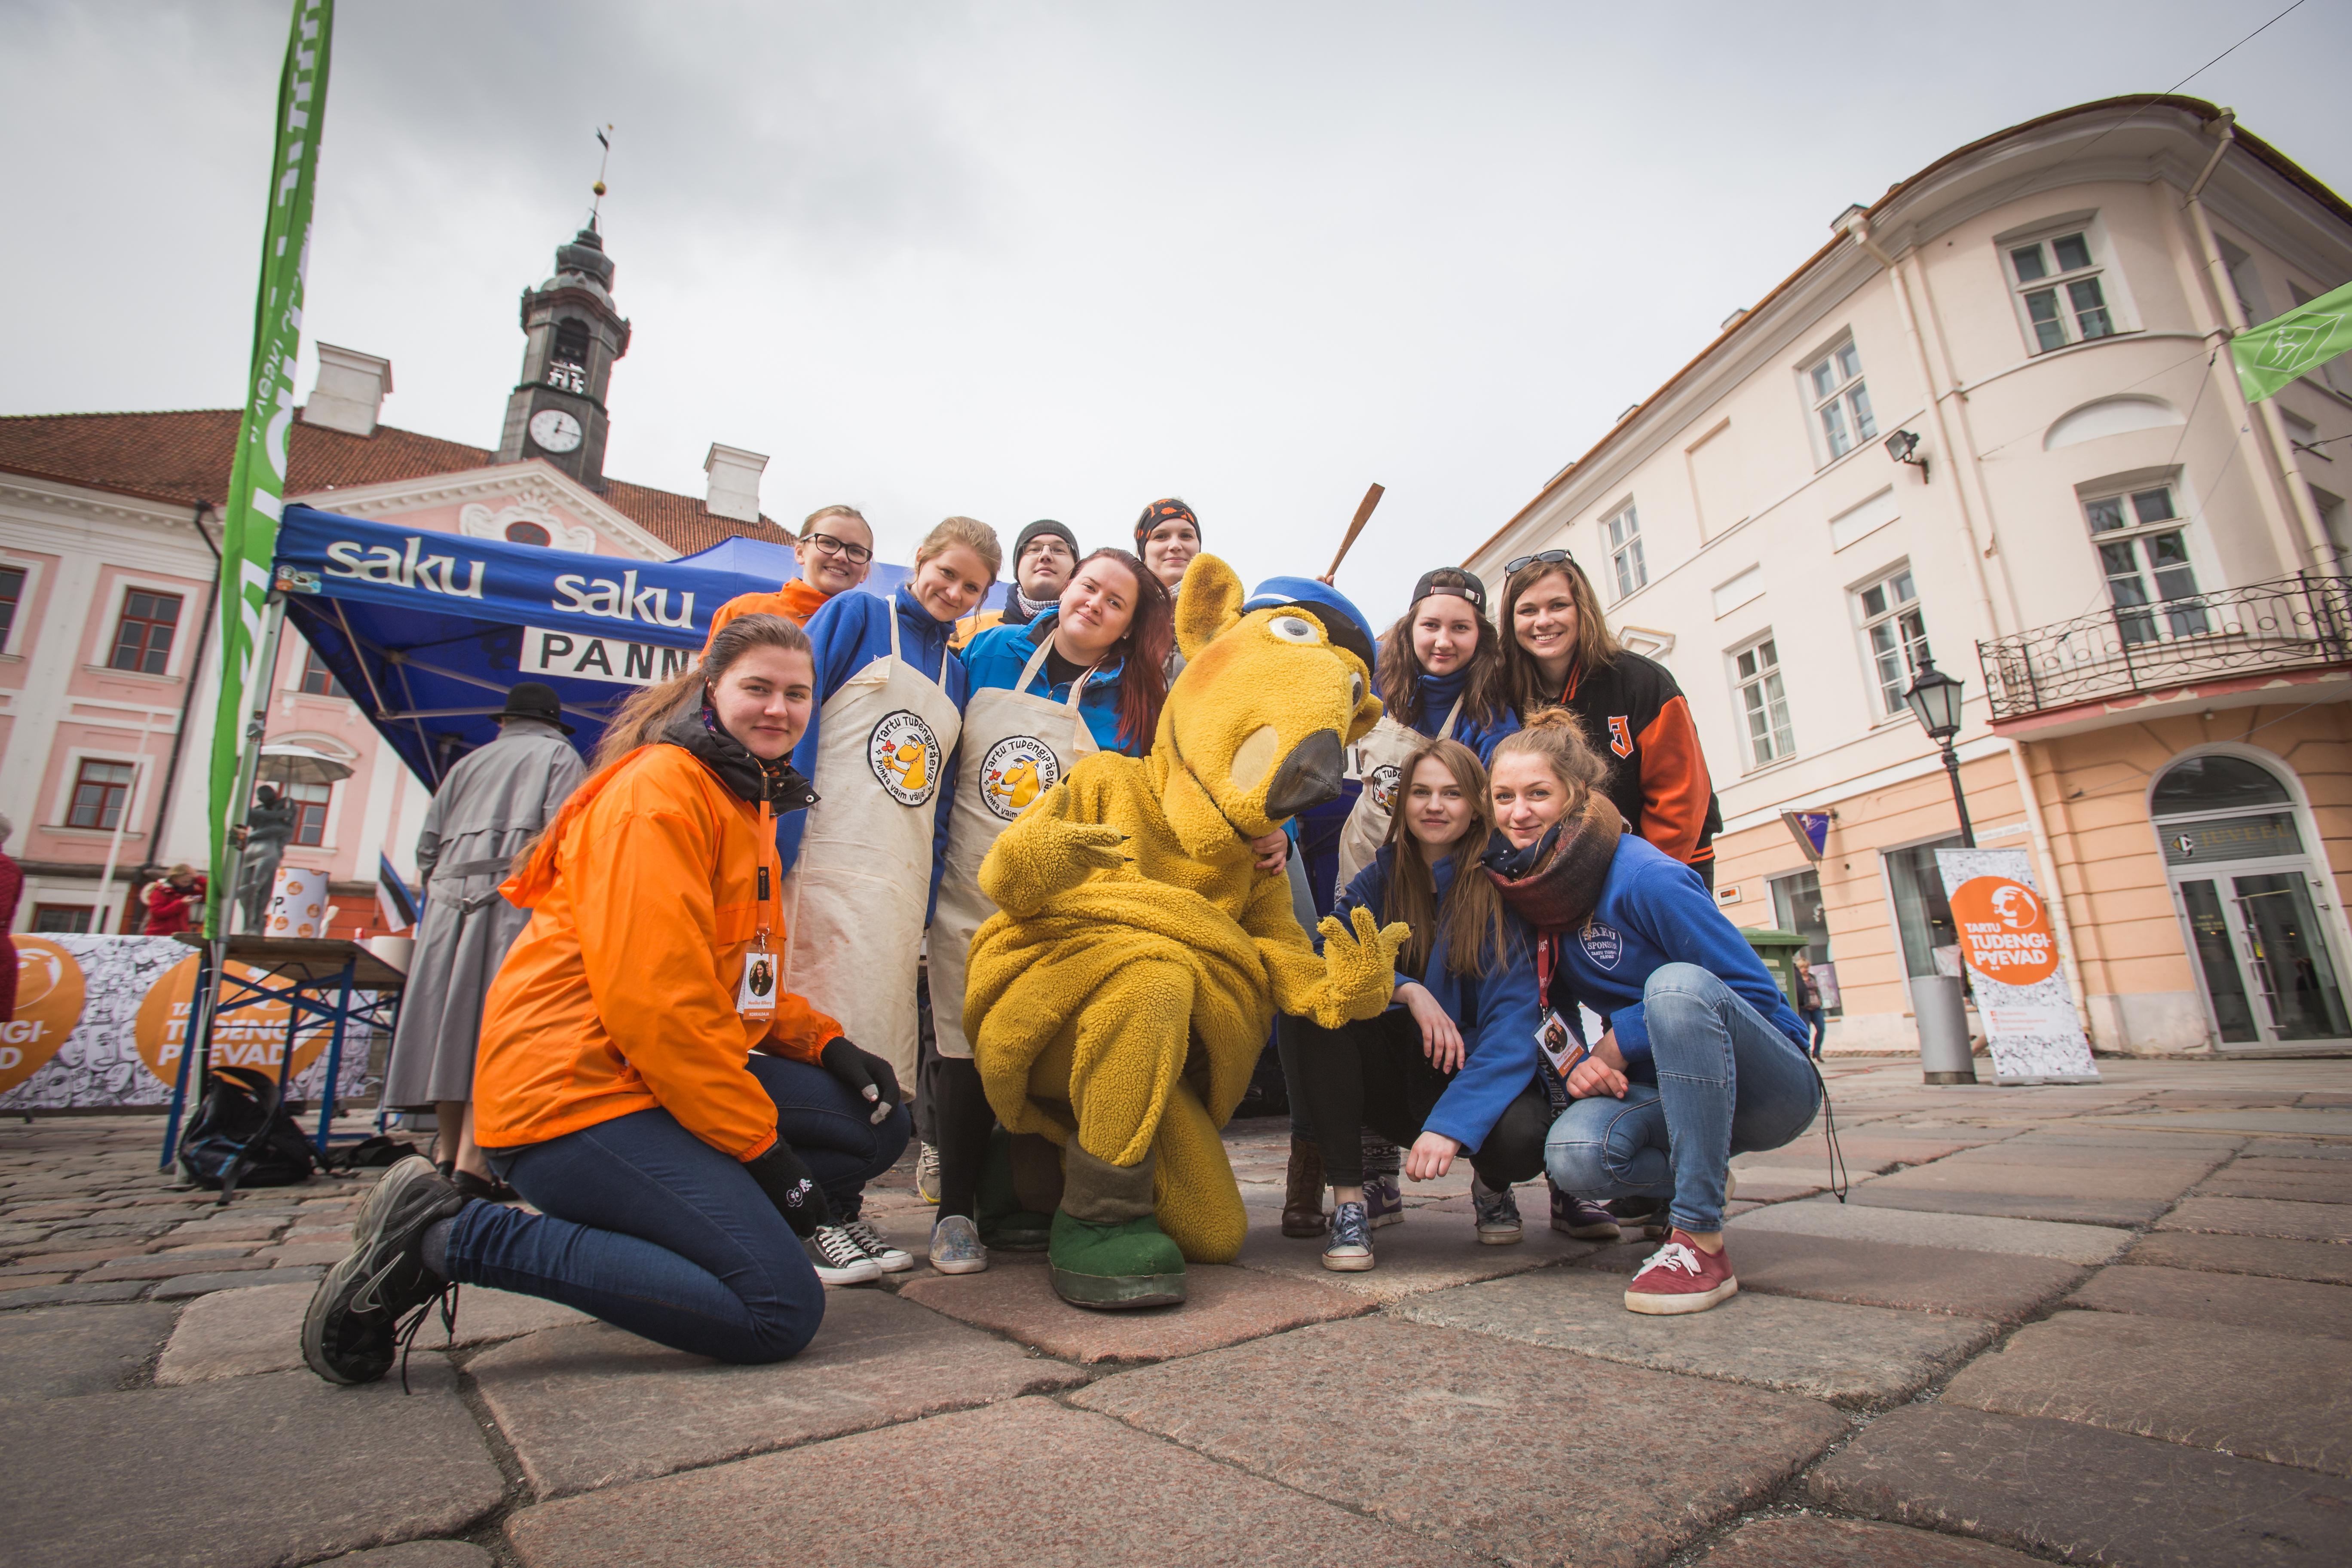 Quo vadis, Tartu?